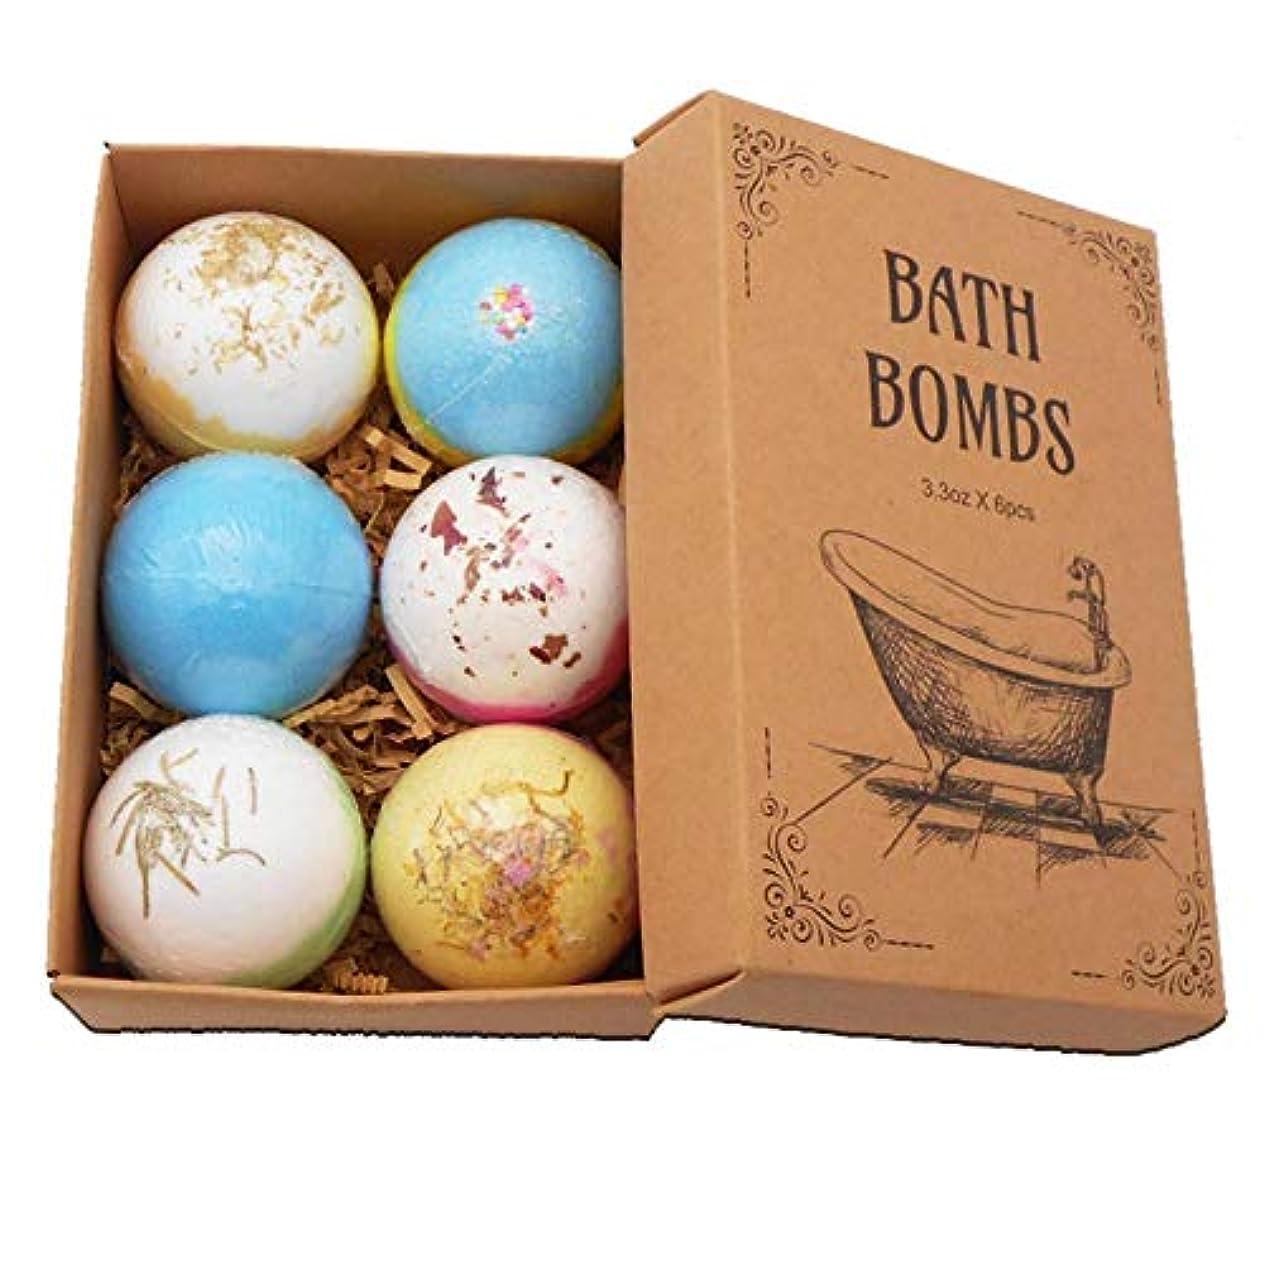 中絶台風サスペンドColdwhite 6PCSバスボム 自然な手作りの海塩ラベンダー風呂爆弾 母のガールフレンドのためのスパ発泡爆弾ギフト